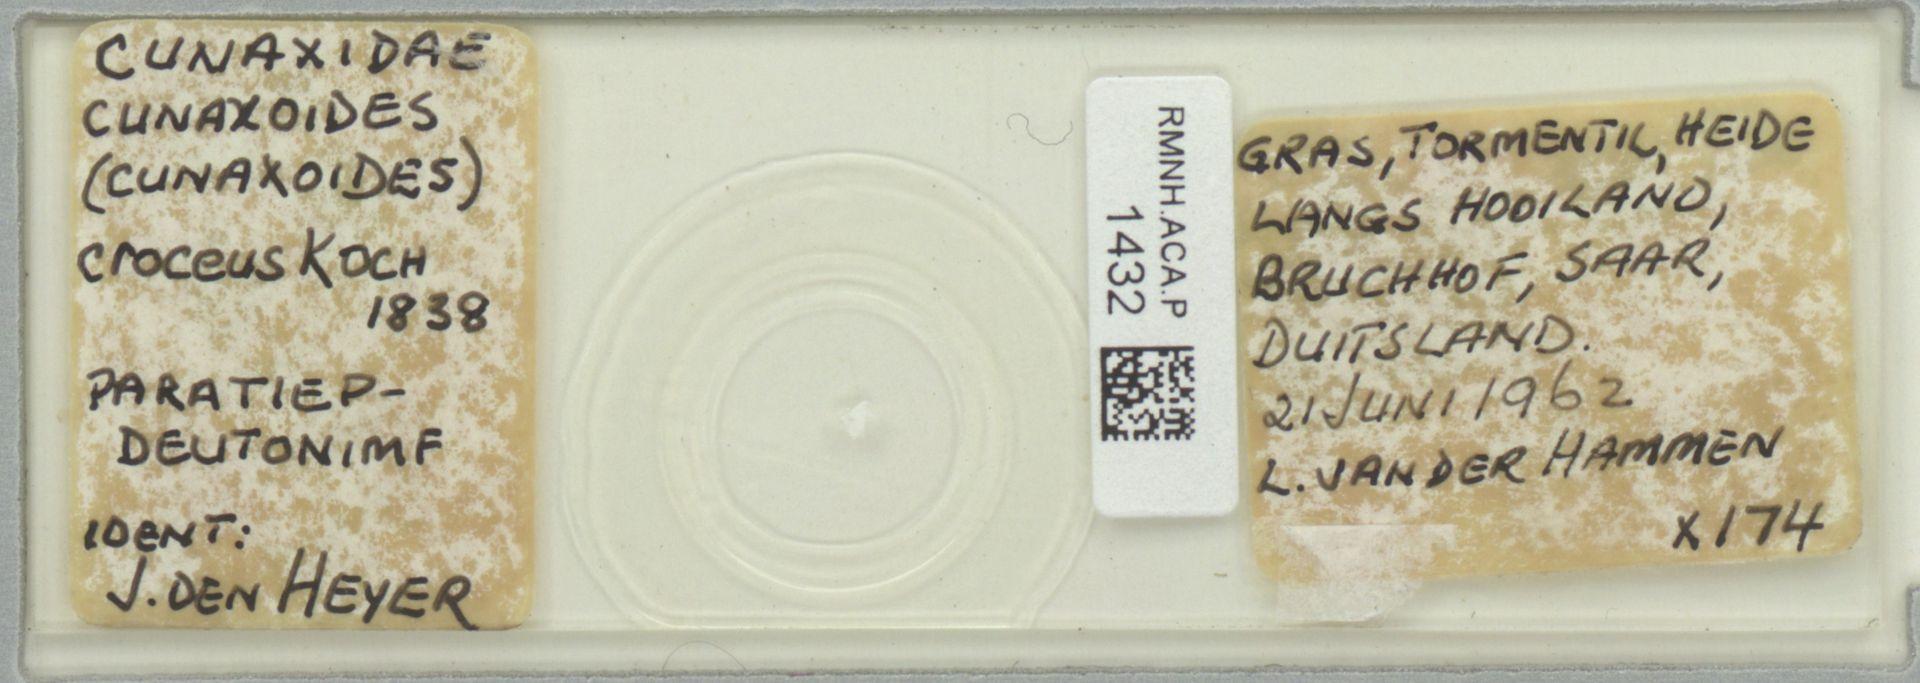 RMNH.ACA.P.1432   Cunaxoides (Cunaxoides) croceus C.L.Koch, 1838